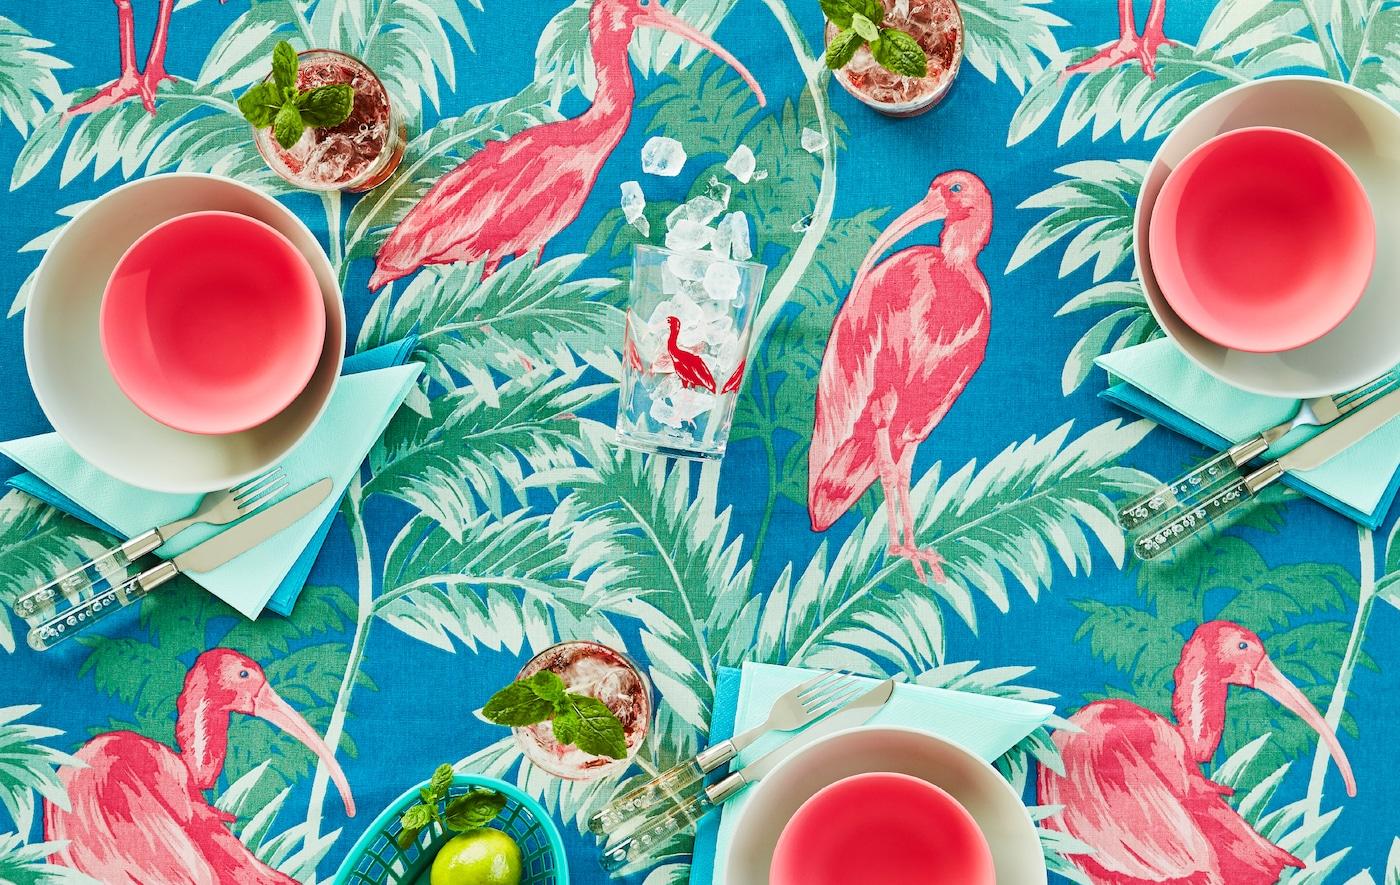 Eine bunte sommerliche Dekoration mit einer Tischdecke mit tropischem Muster in Pink, Blau und Grün. Darauf steht farbiges Geschirr.